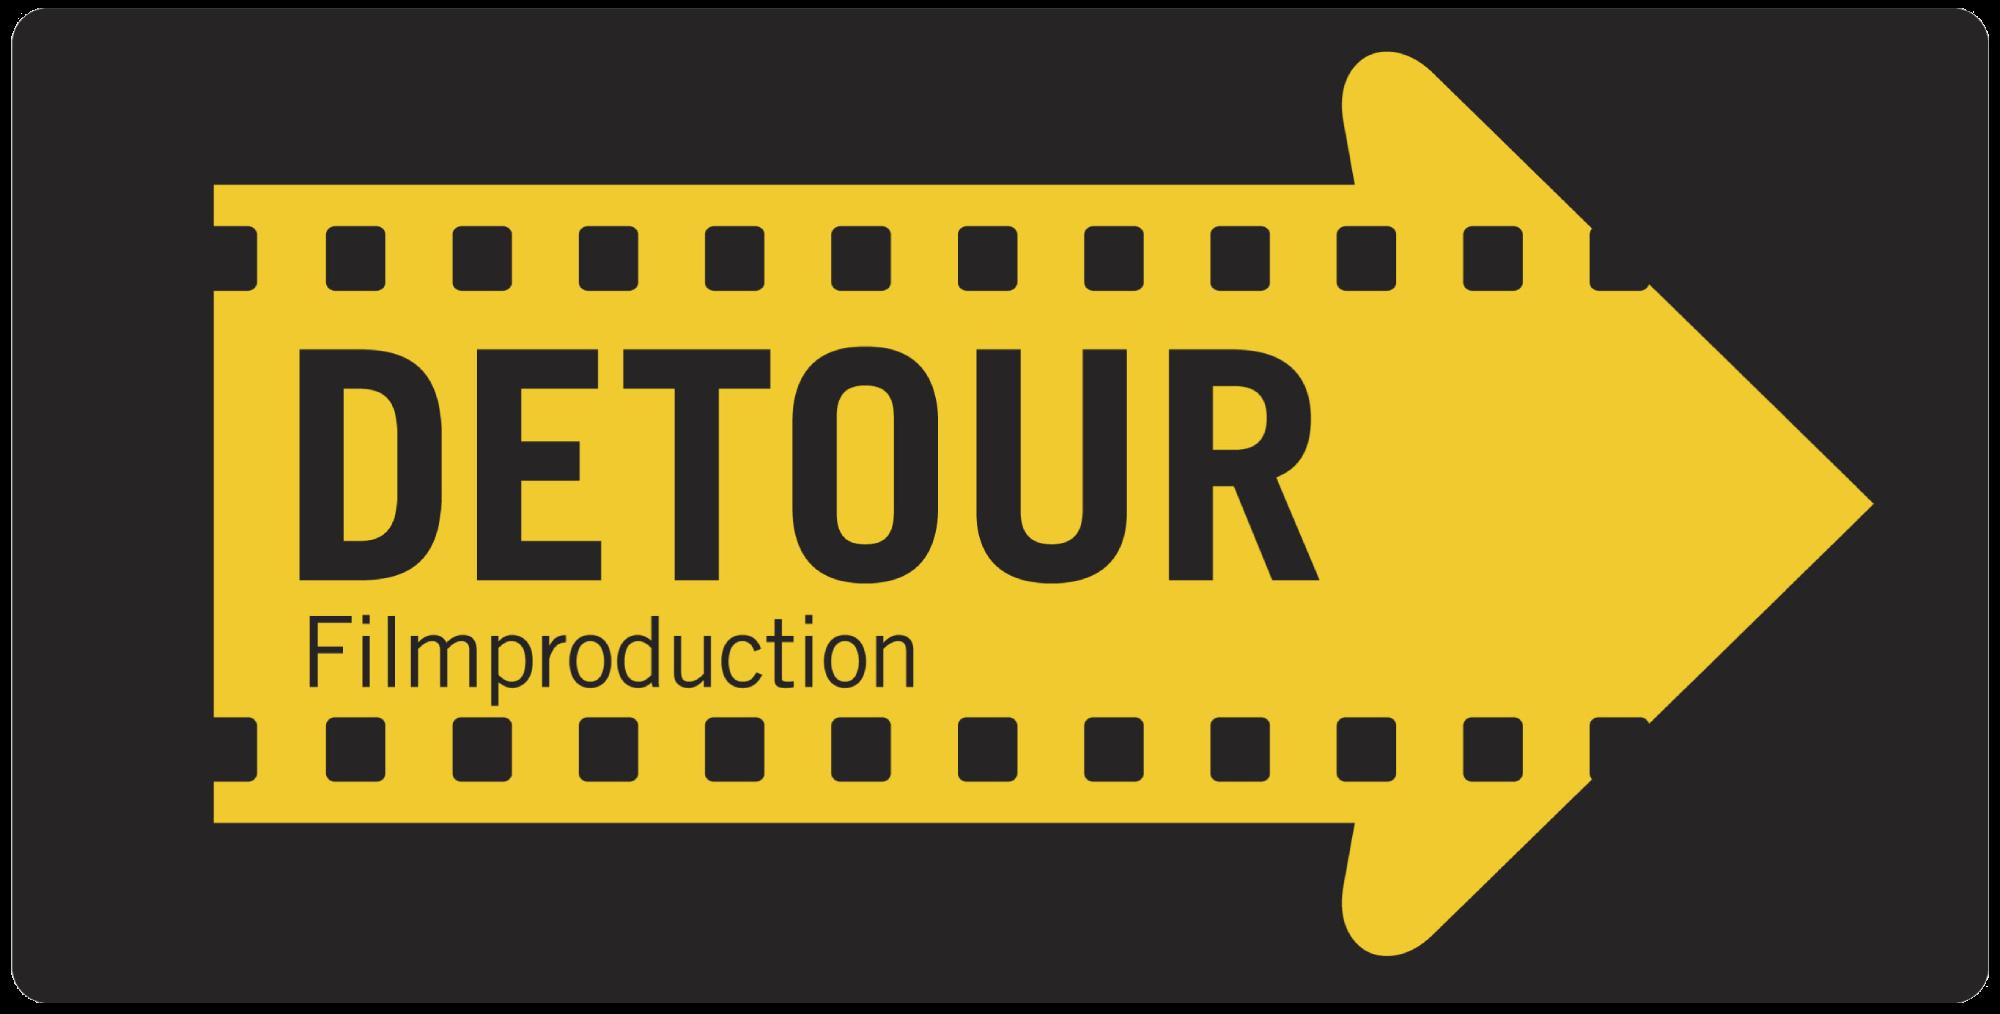 Detour Filmproduction